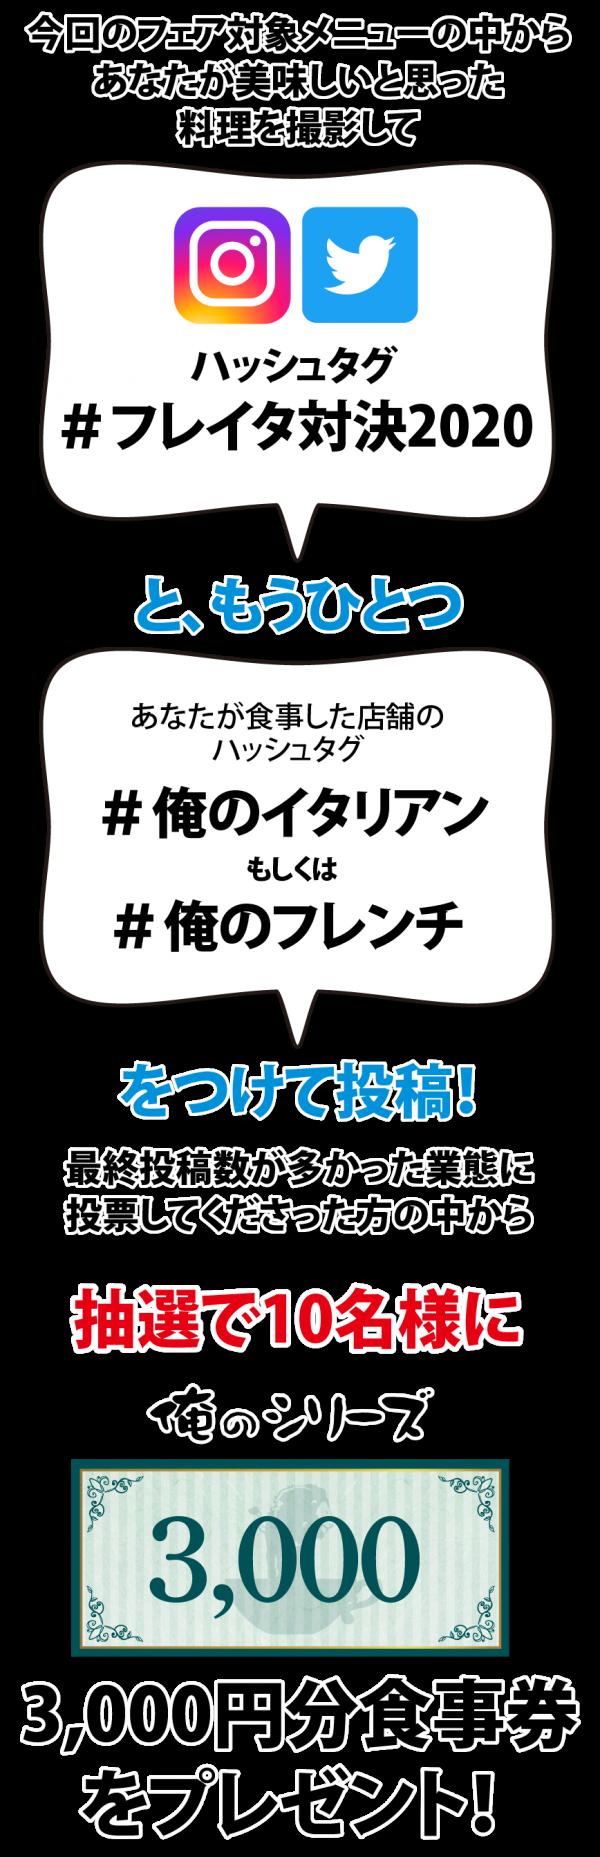 SNS_info_pic_01